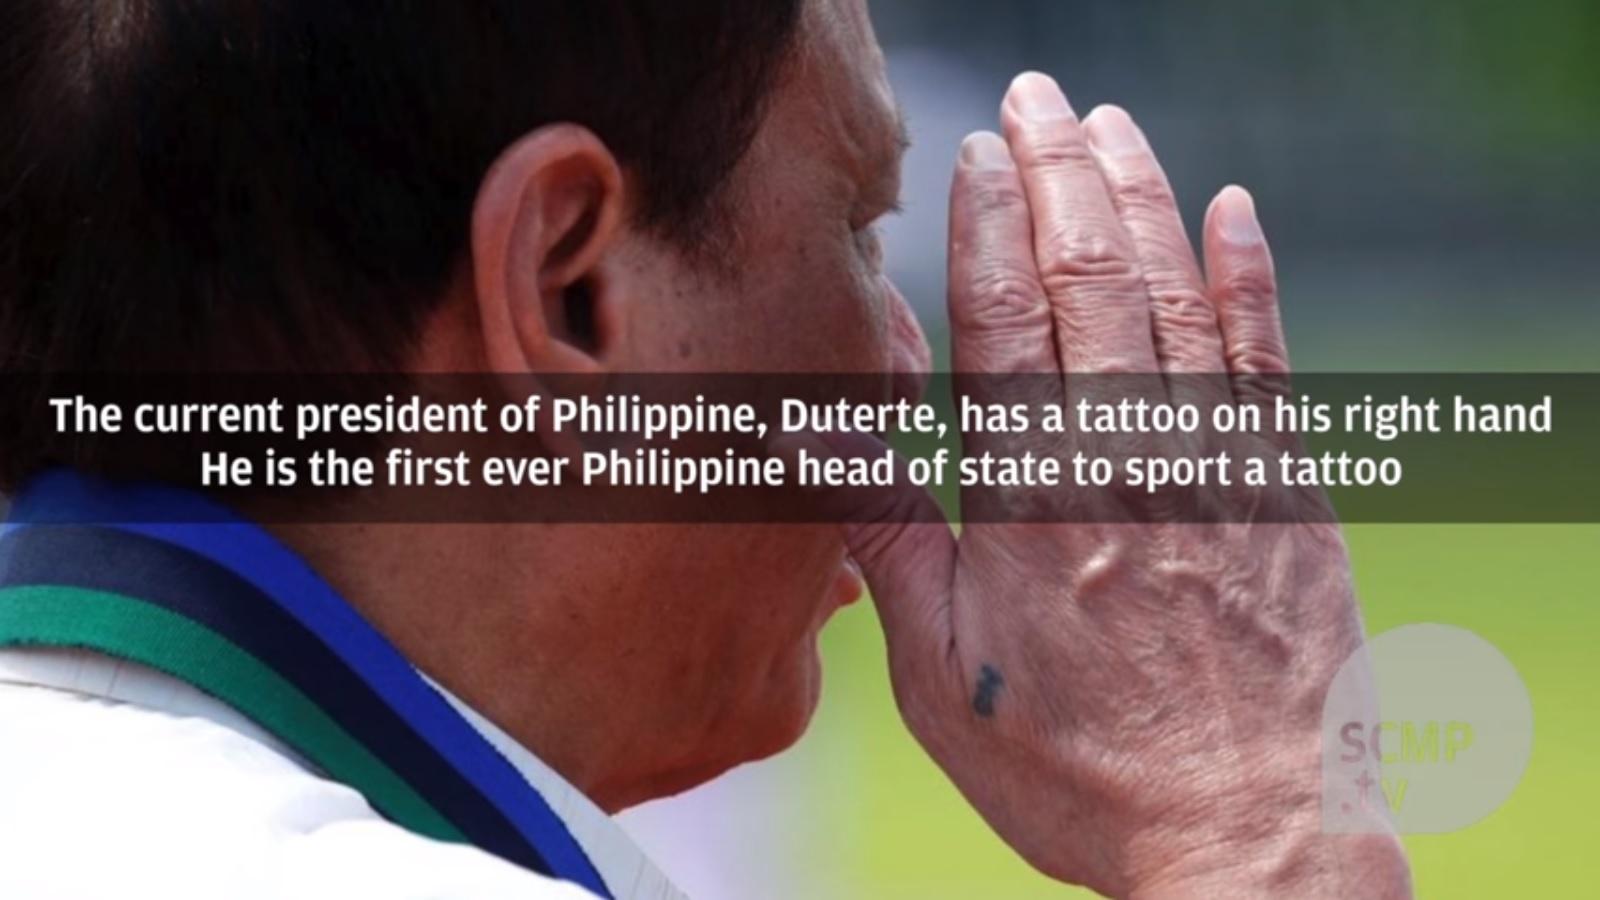 Hình xăm bí ẩn tiết lộ quá khứ của Tổng thống Philippines - Ảnh 1